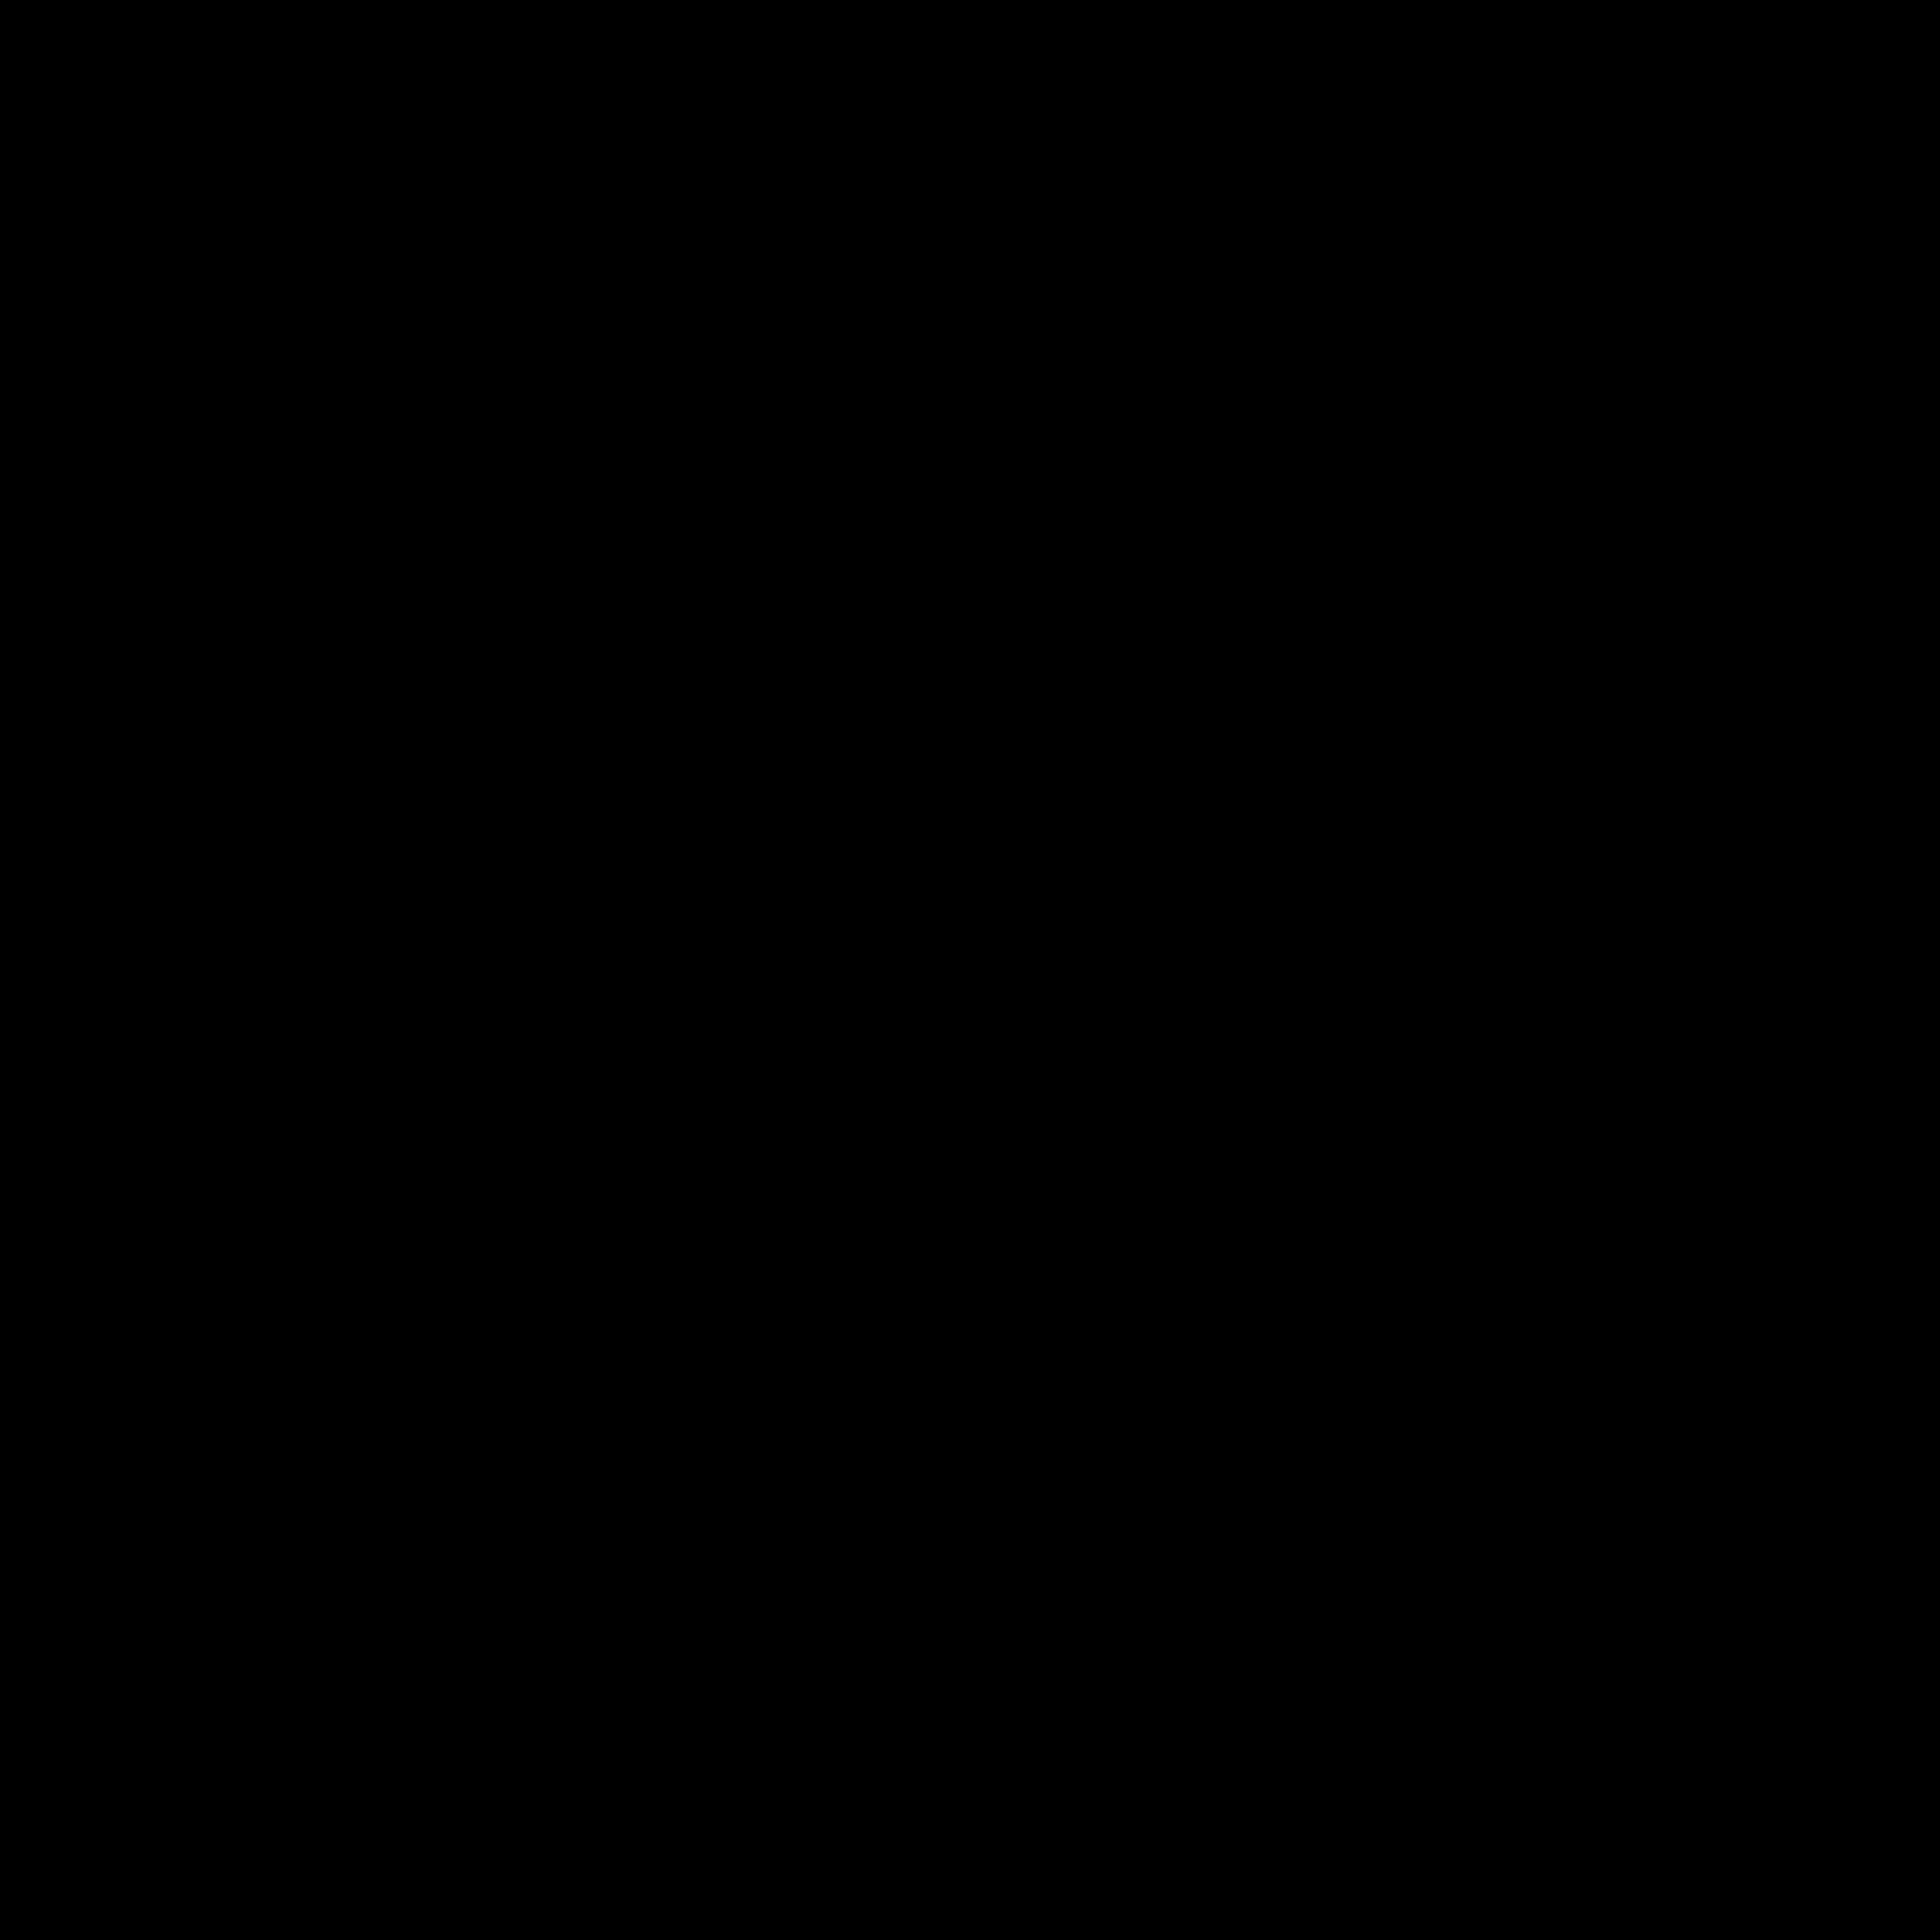 NOS Logo PNG Transparent & SVG Vector.